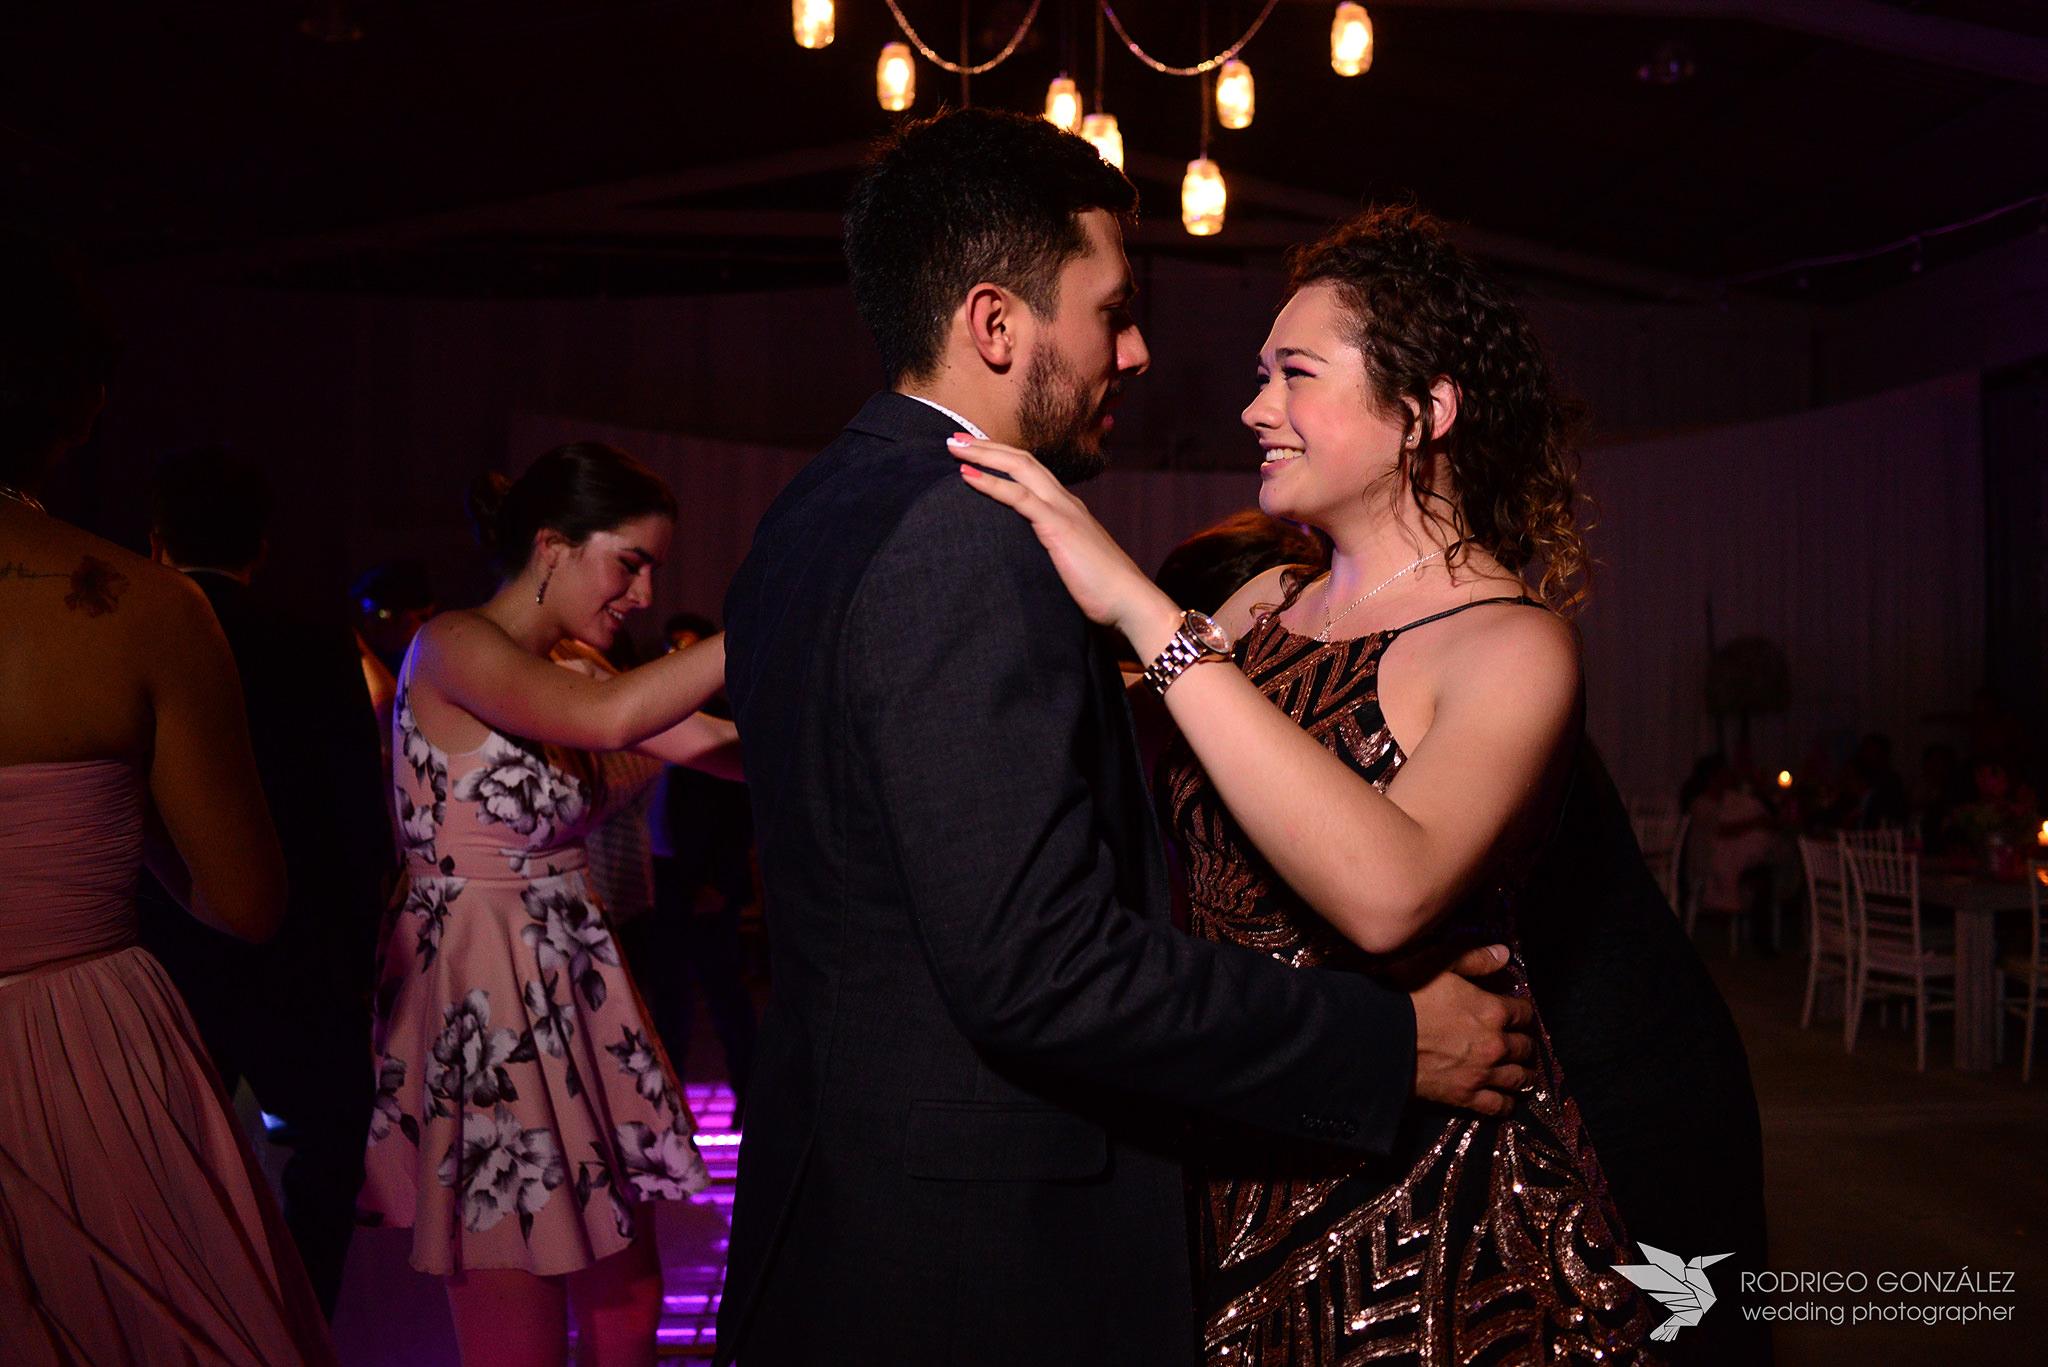 fotografos-de-bodas-en-puebla-0890